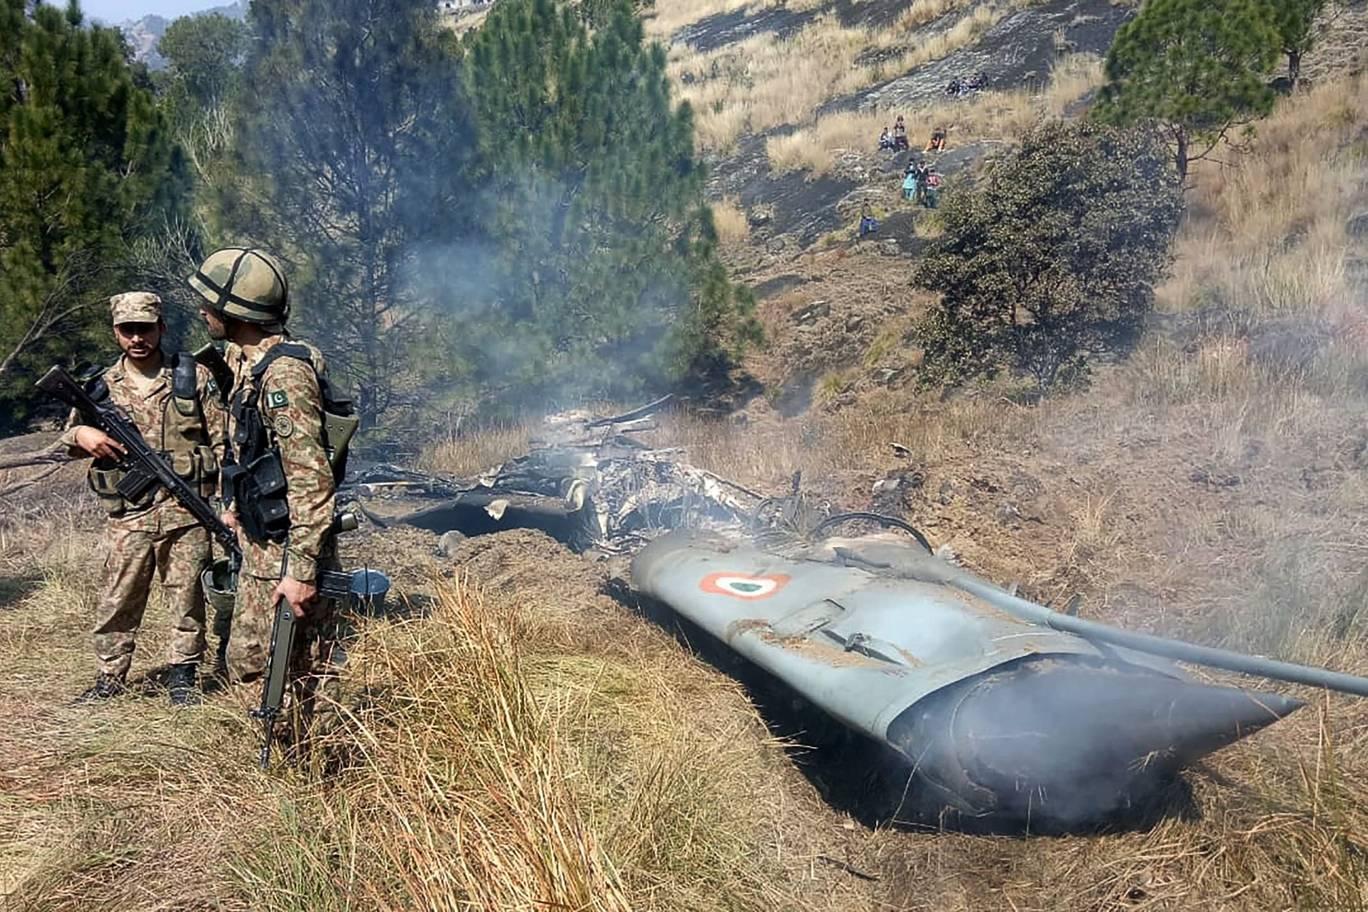 Pakistan, Hindistan Hava Kuvvetleri'ne ait iki savaş uçağını sınır ihlali yaptığı gerekçesiyle düşürdü. 2'si pilot 3 kişi hayatını kaybetti. 1 pilot Pakistan tarafından alıkonulduktan 2 gün sonra Hindistan'a iade edildi tarihte bugün